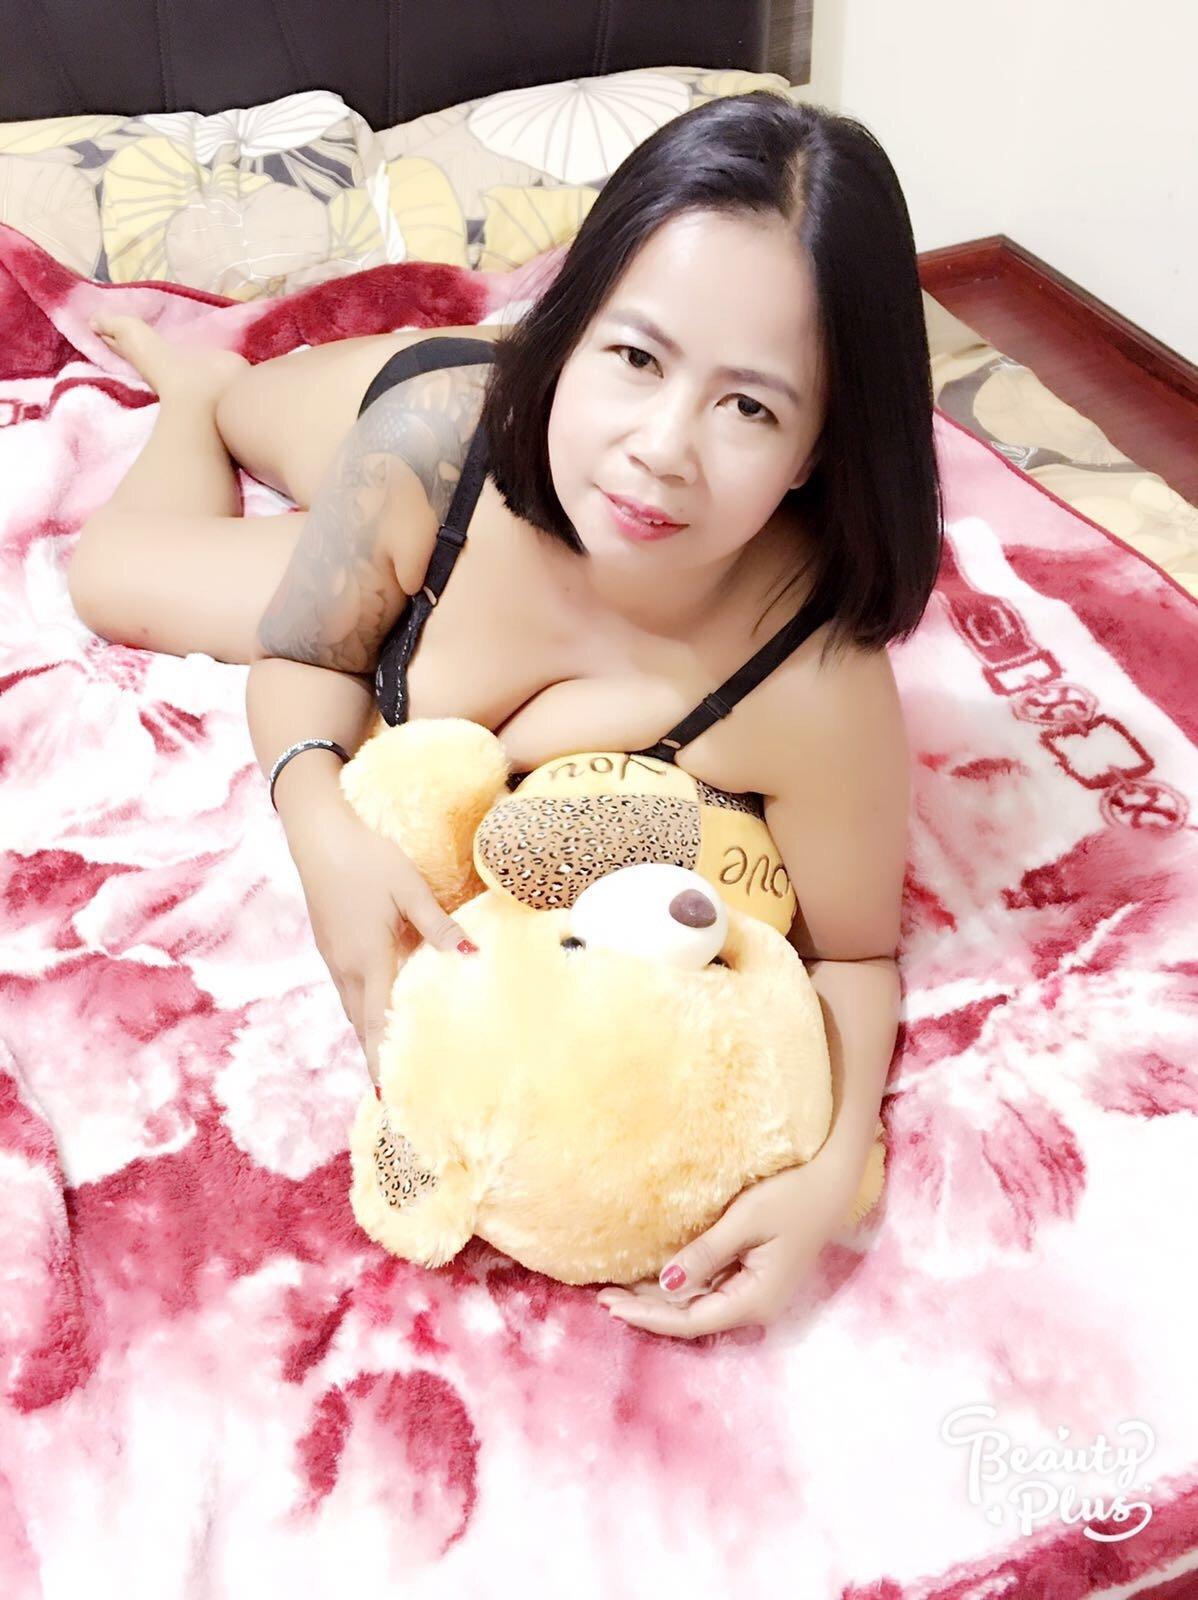 thai  escort escort group sex